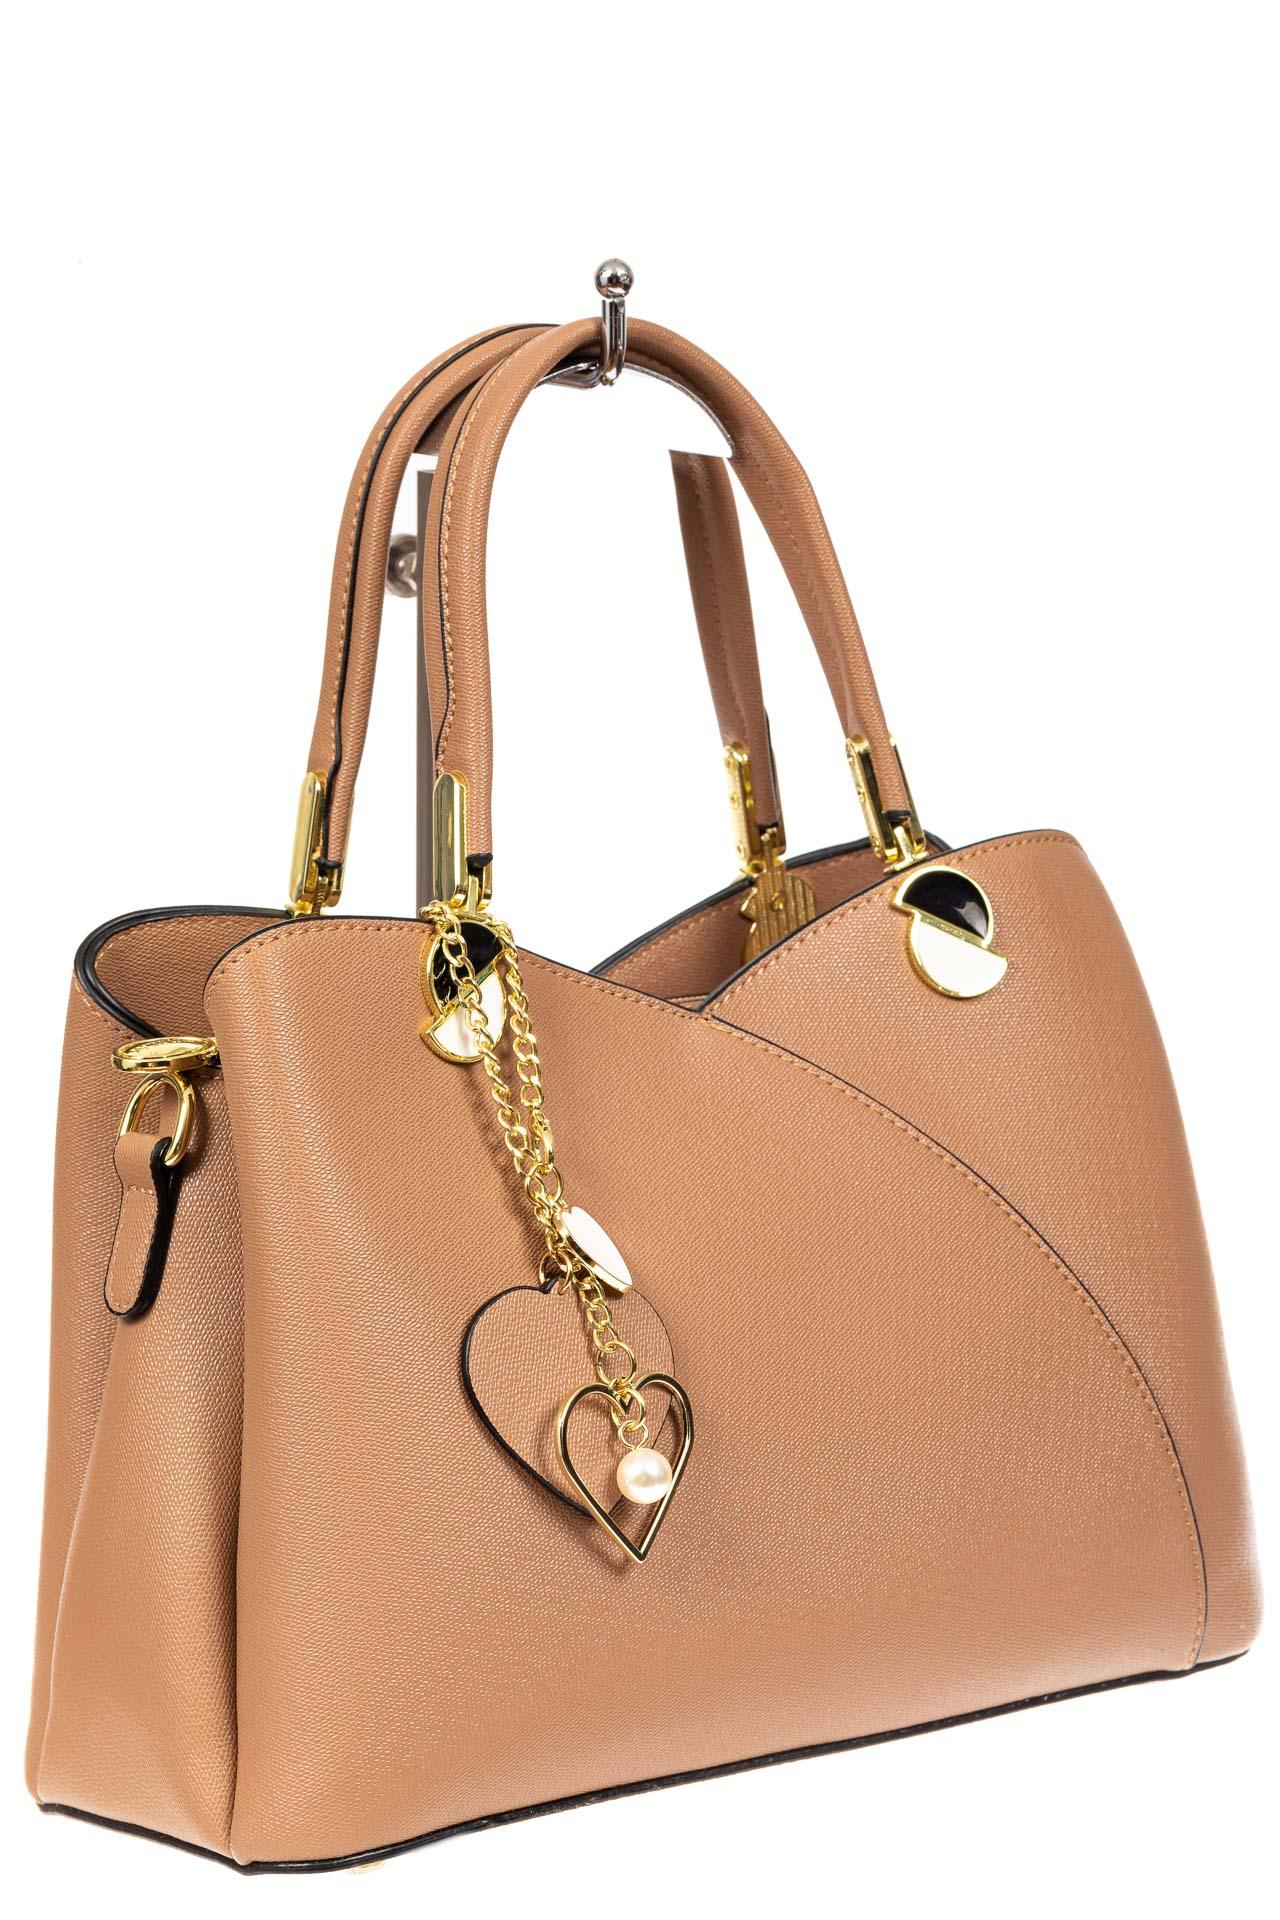 Женская сумка тоут из экокожи, цвет бежевый2049PJ0420/10